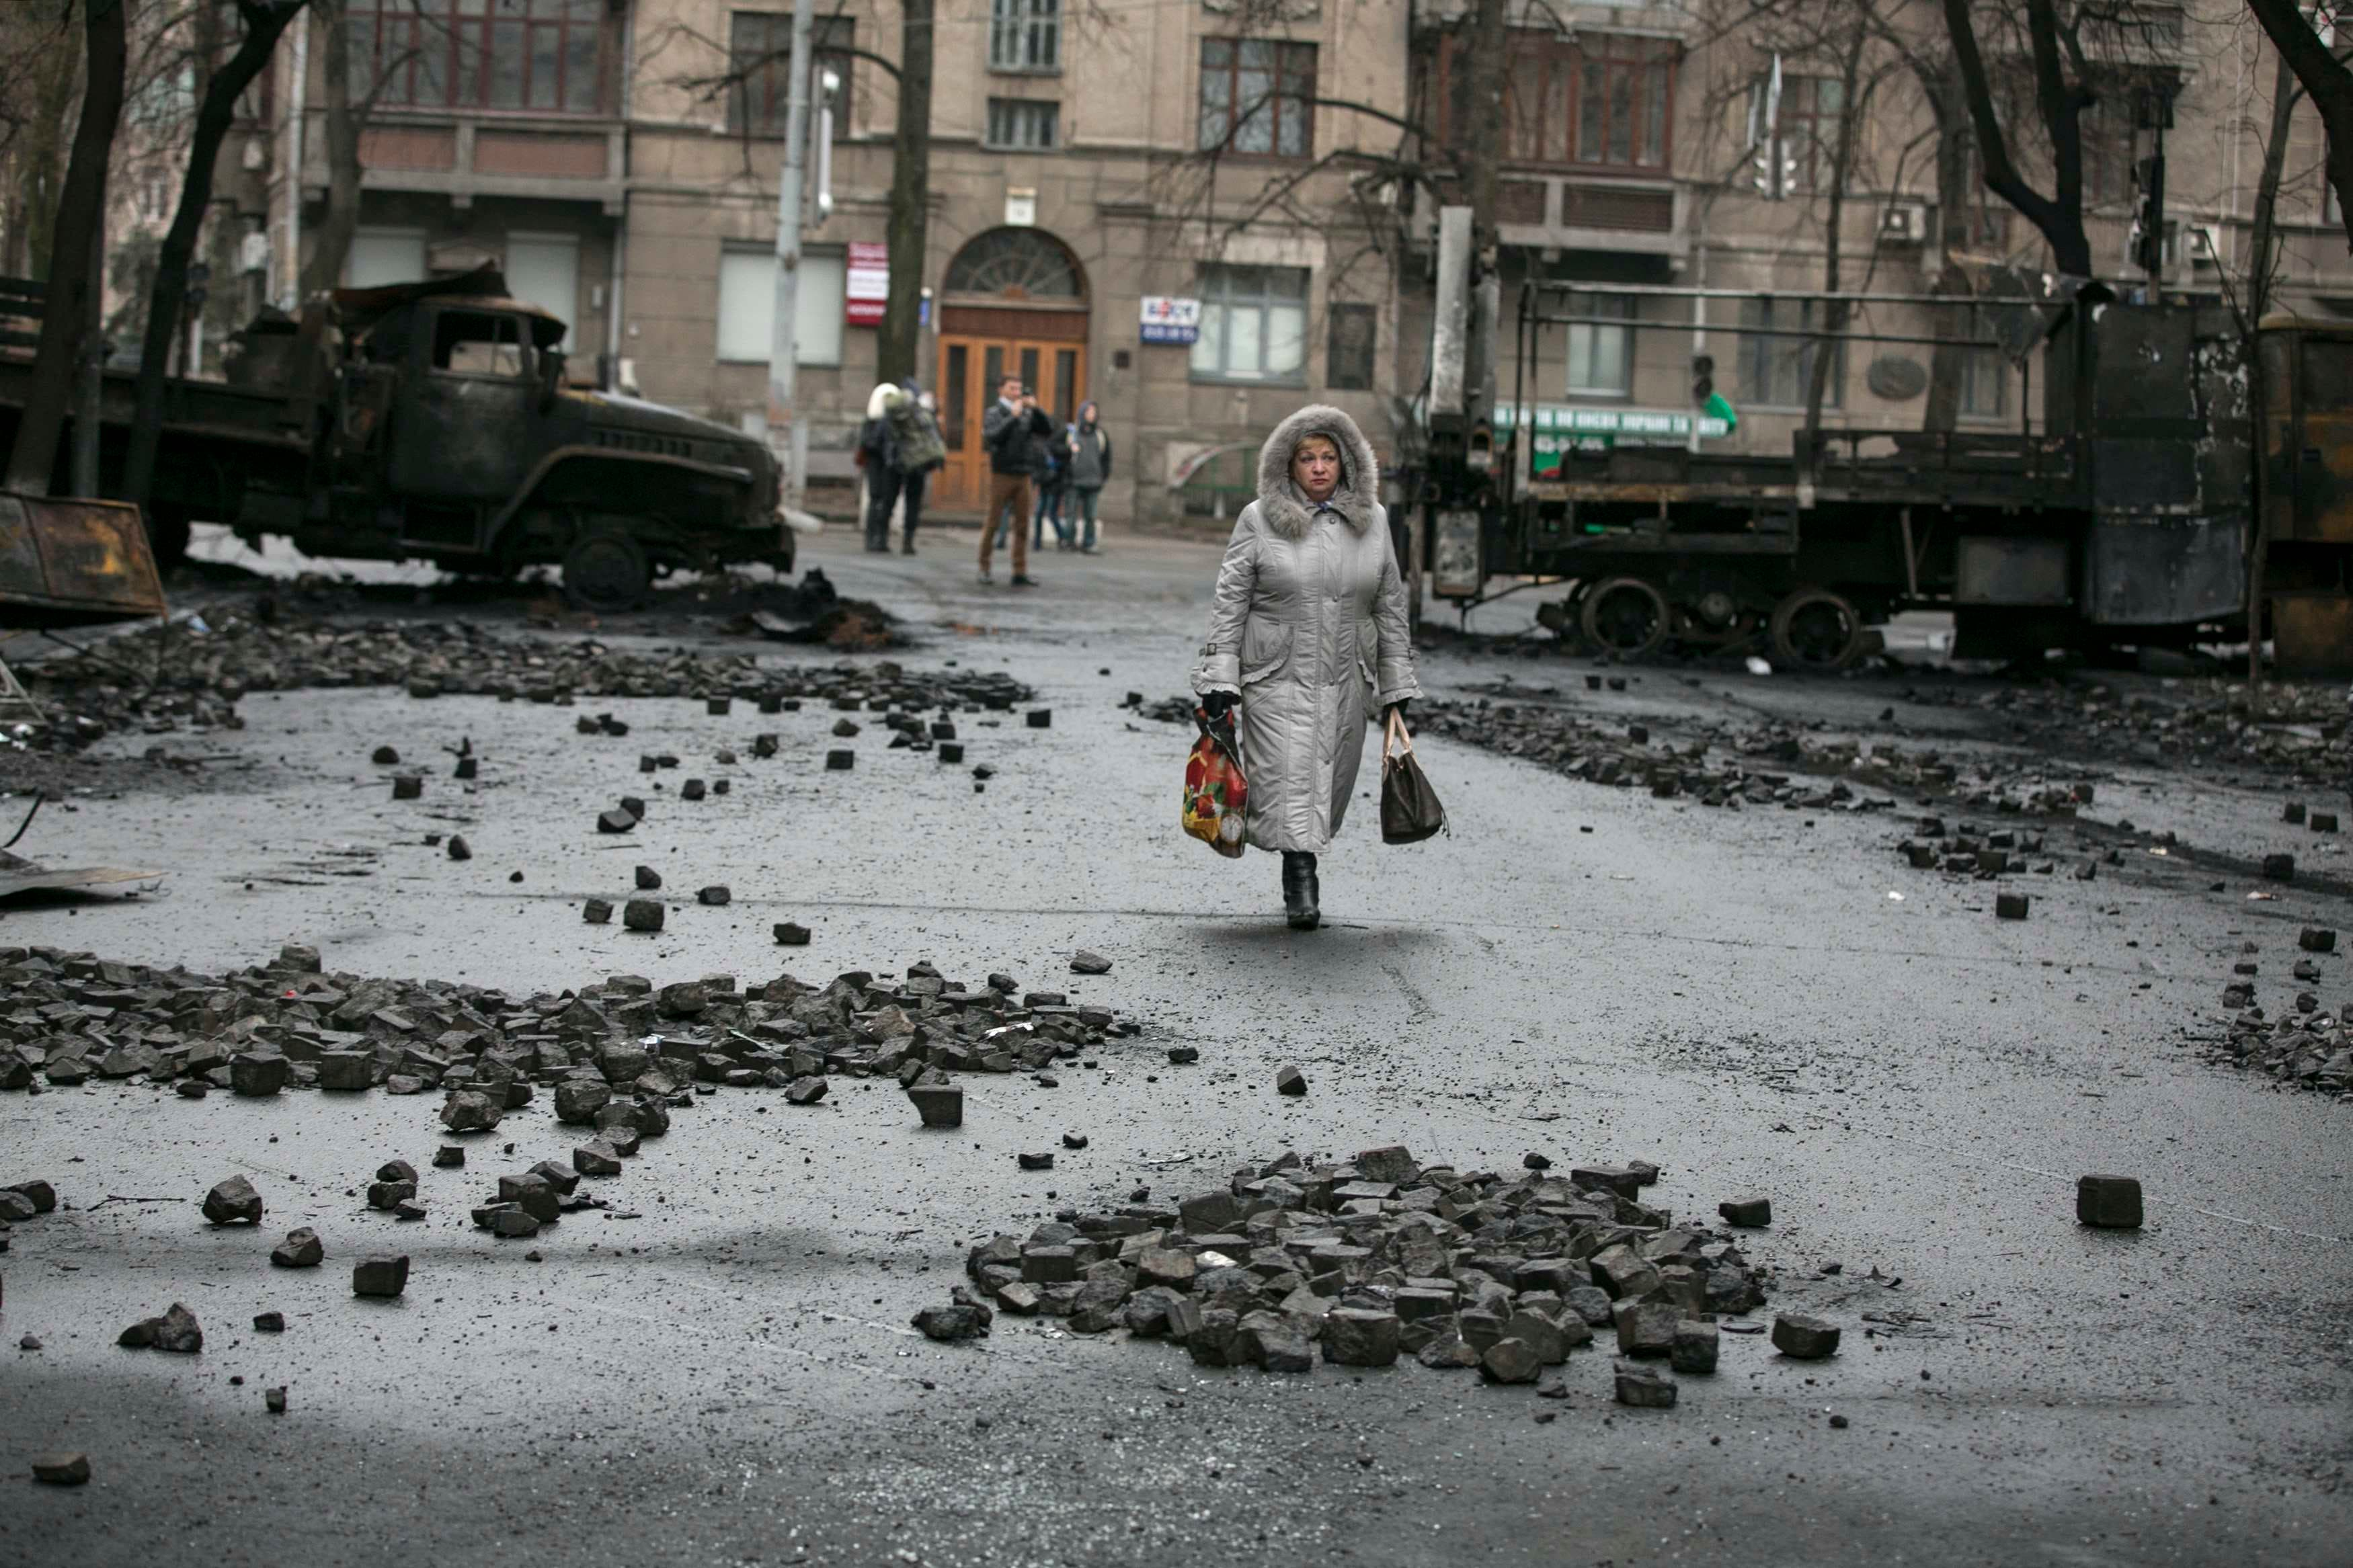 سيدة اوكرانية تعود لمنزلها في منطقة شهدت اعمال عنف في كييف